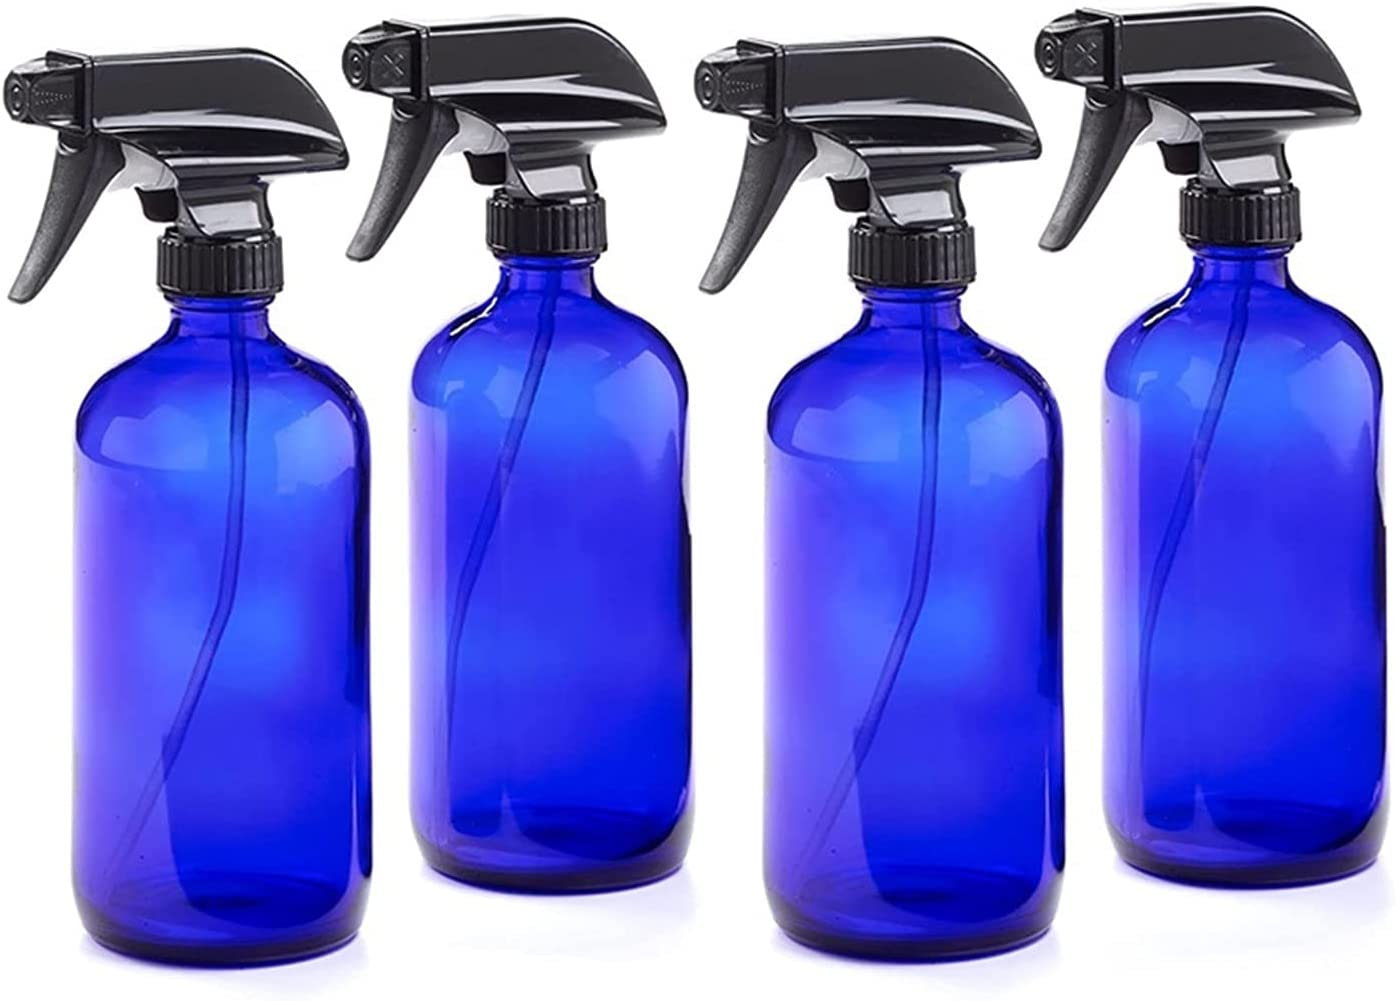 YWSZY 4 Paquete 250ml Botella de espray de Cristal Azul vacío con pulverizador de gatillo Tapa de Almacenamiento Etiquetas de Pizarra para Productos de Limpieza Plantas 8 oz Dispensadores de loción y